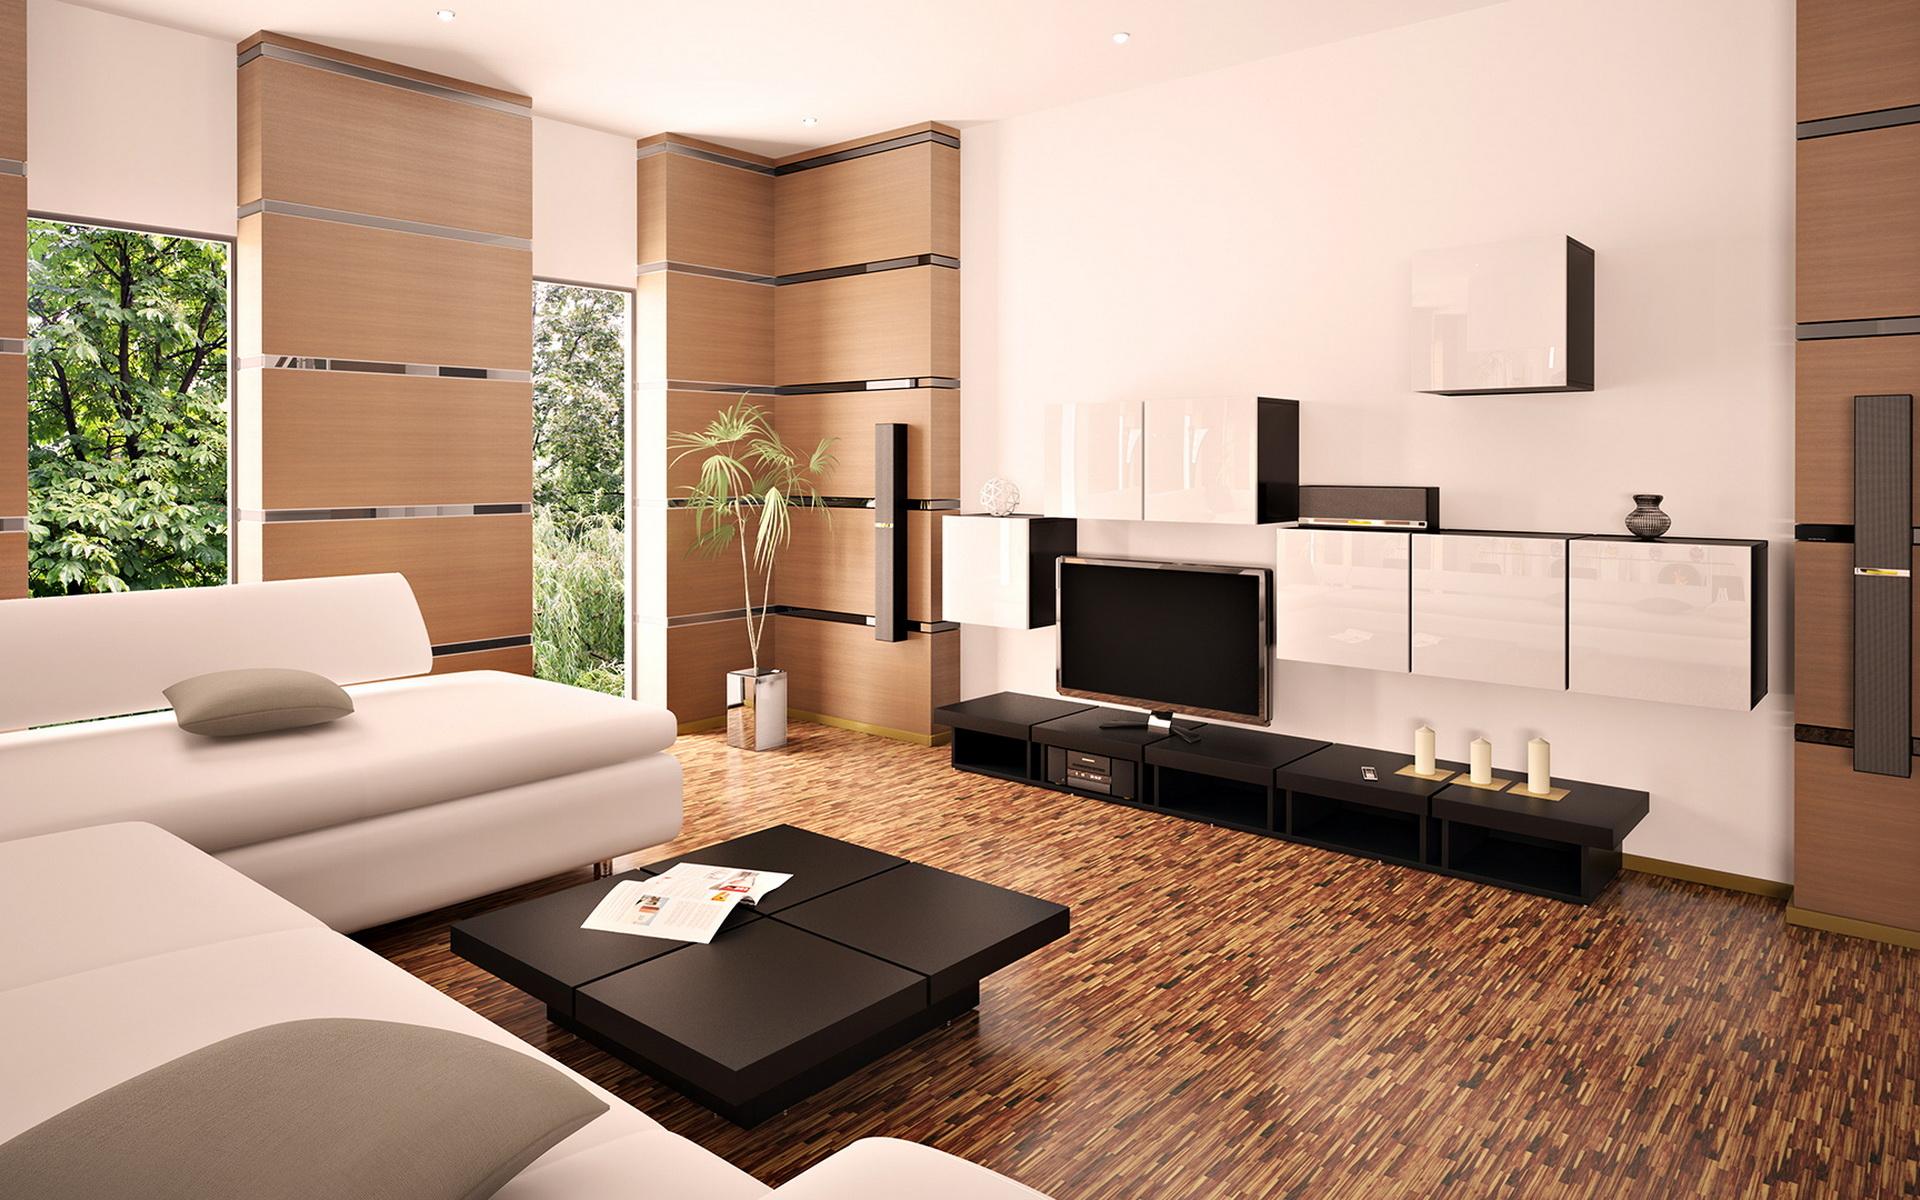 Окна в гостиной в стиле минимализм желательно занавешивать легкой тюлю или жалюзями